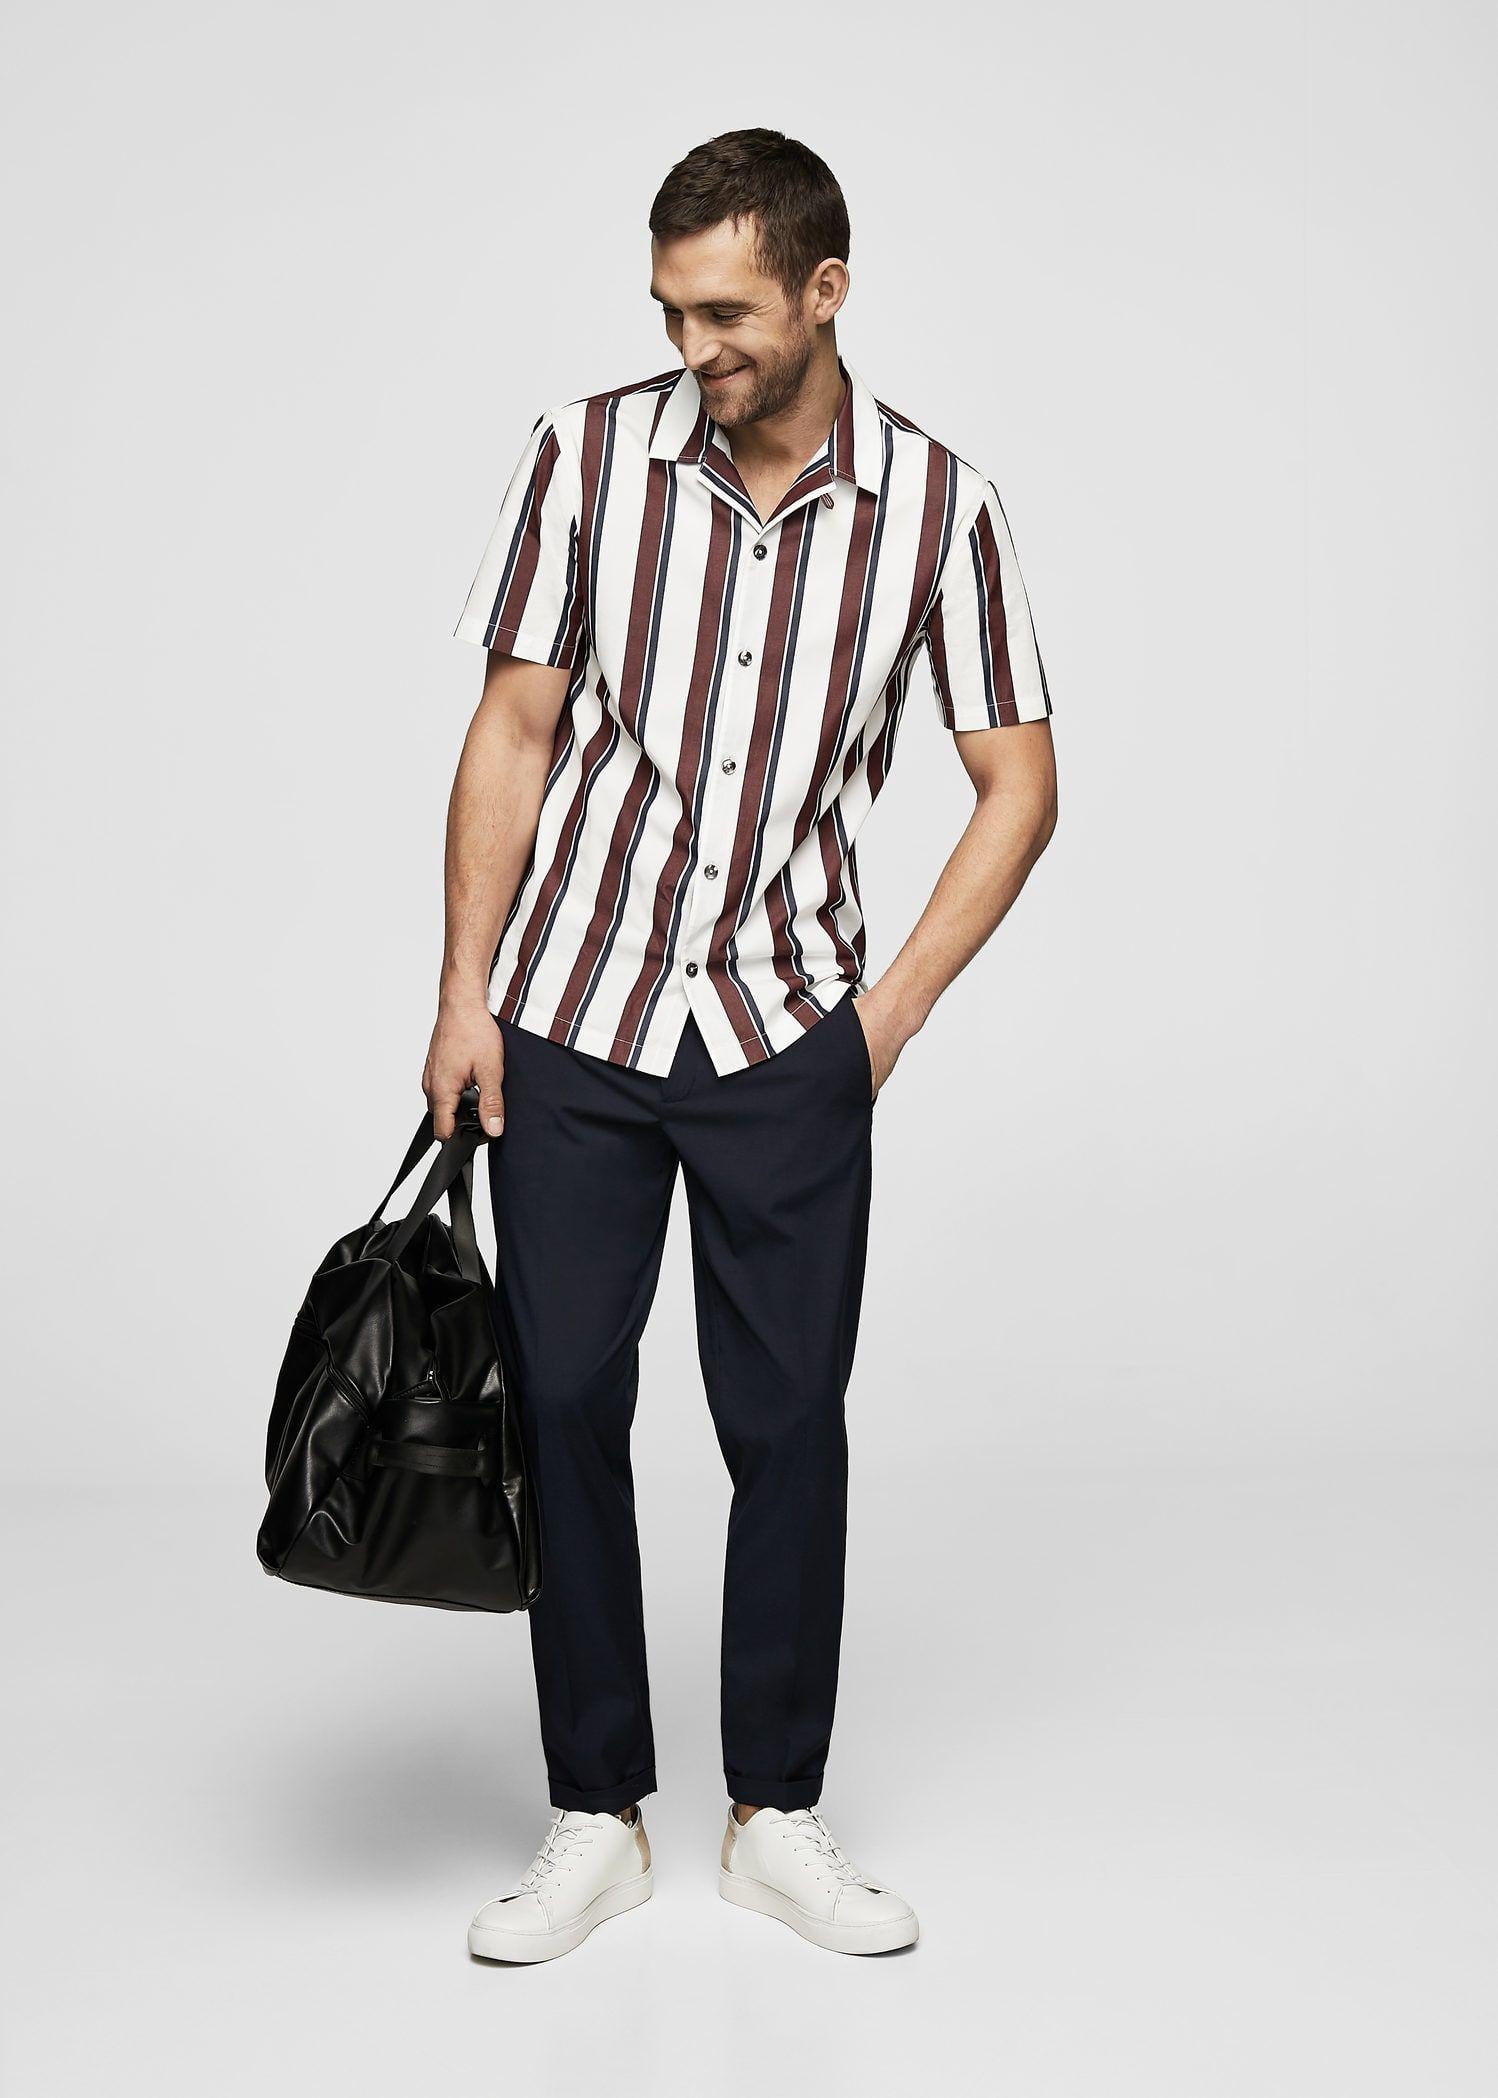 abcb14bf6 Camisa regular fit algodón rayas - Camisas de Hombre en 2019 | My ...